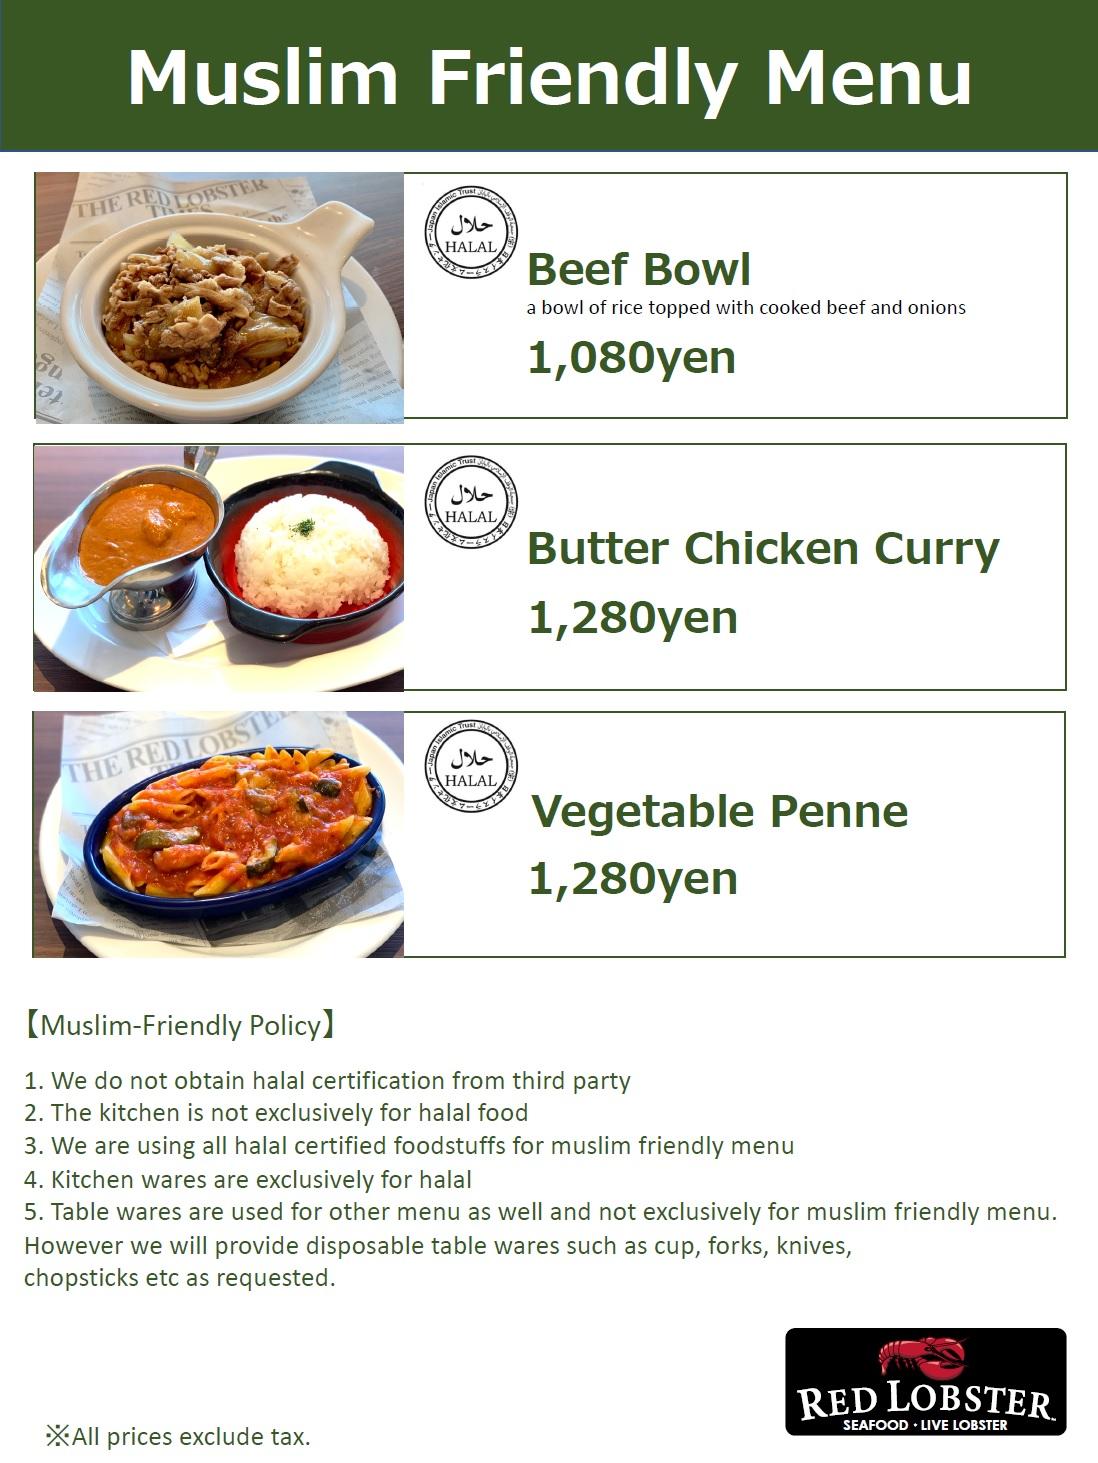 Muslim Friendly Food At Red Lobster Tokyo Disney Resort Food Diversity Today